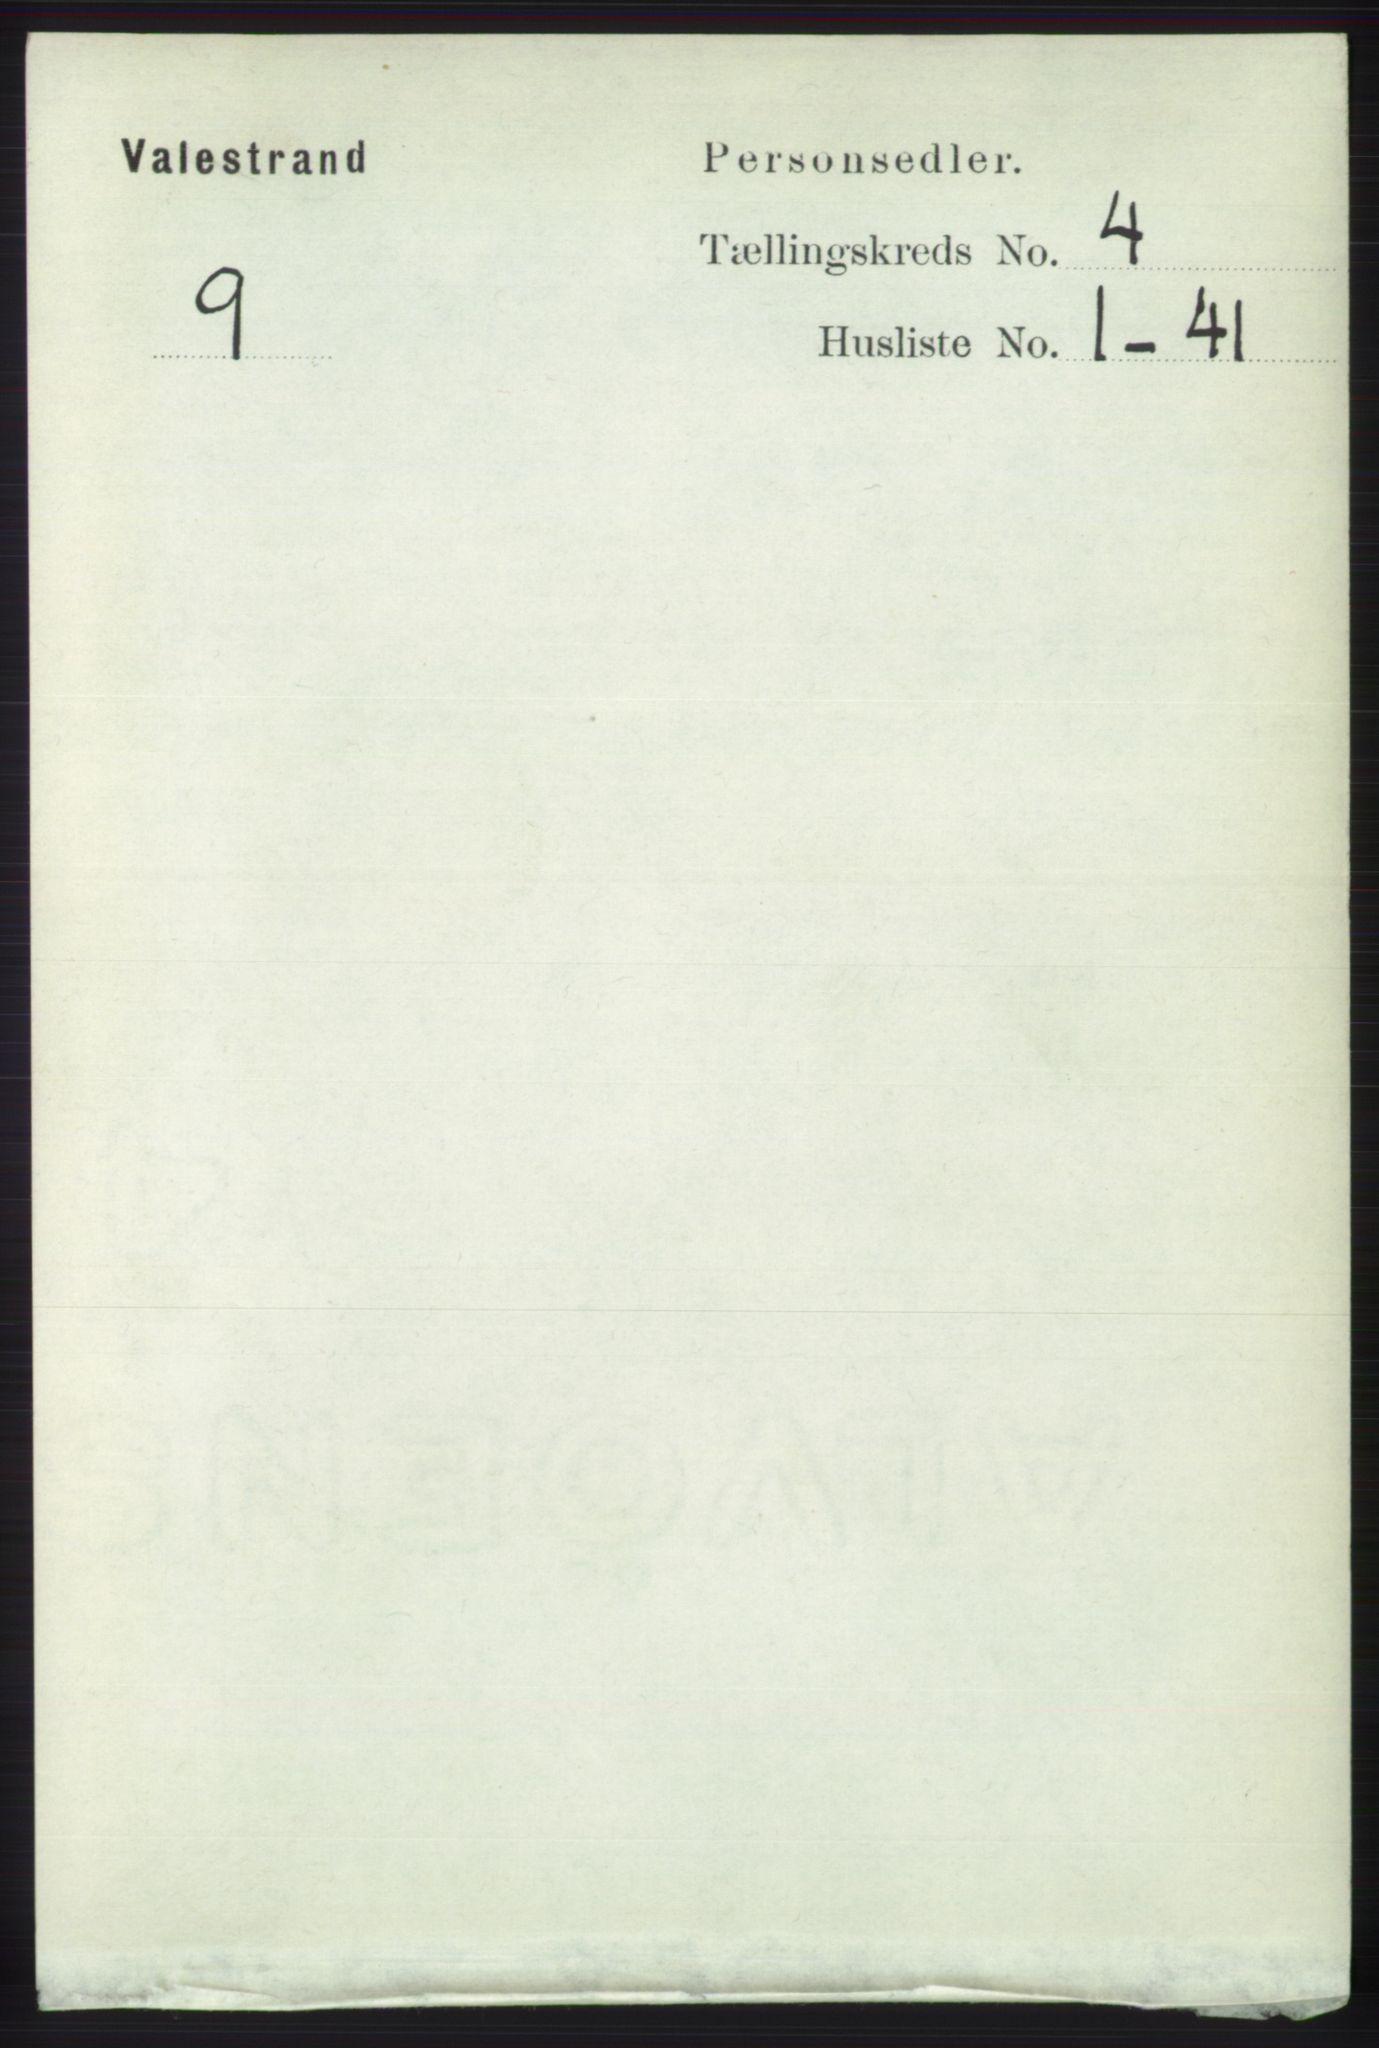 RA, Folketelling 1891 for 1217 Valestrand herred, 1891, s. 872